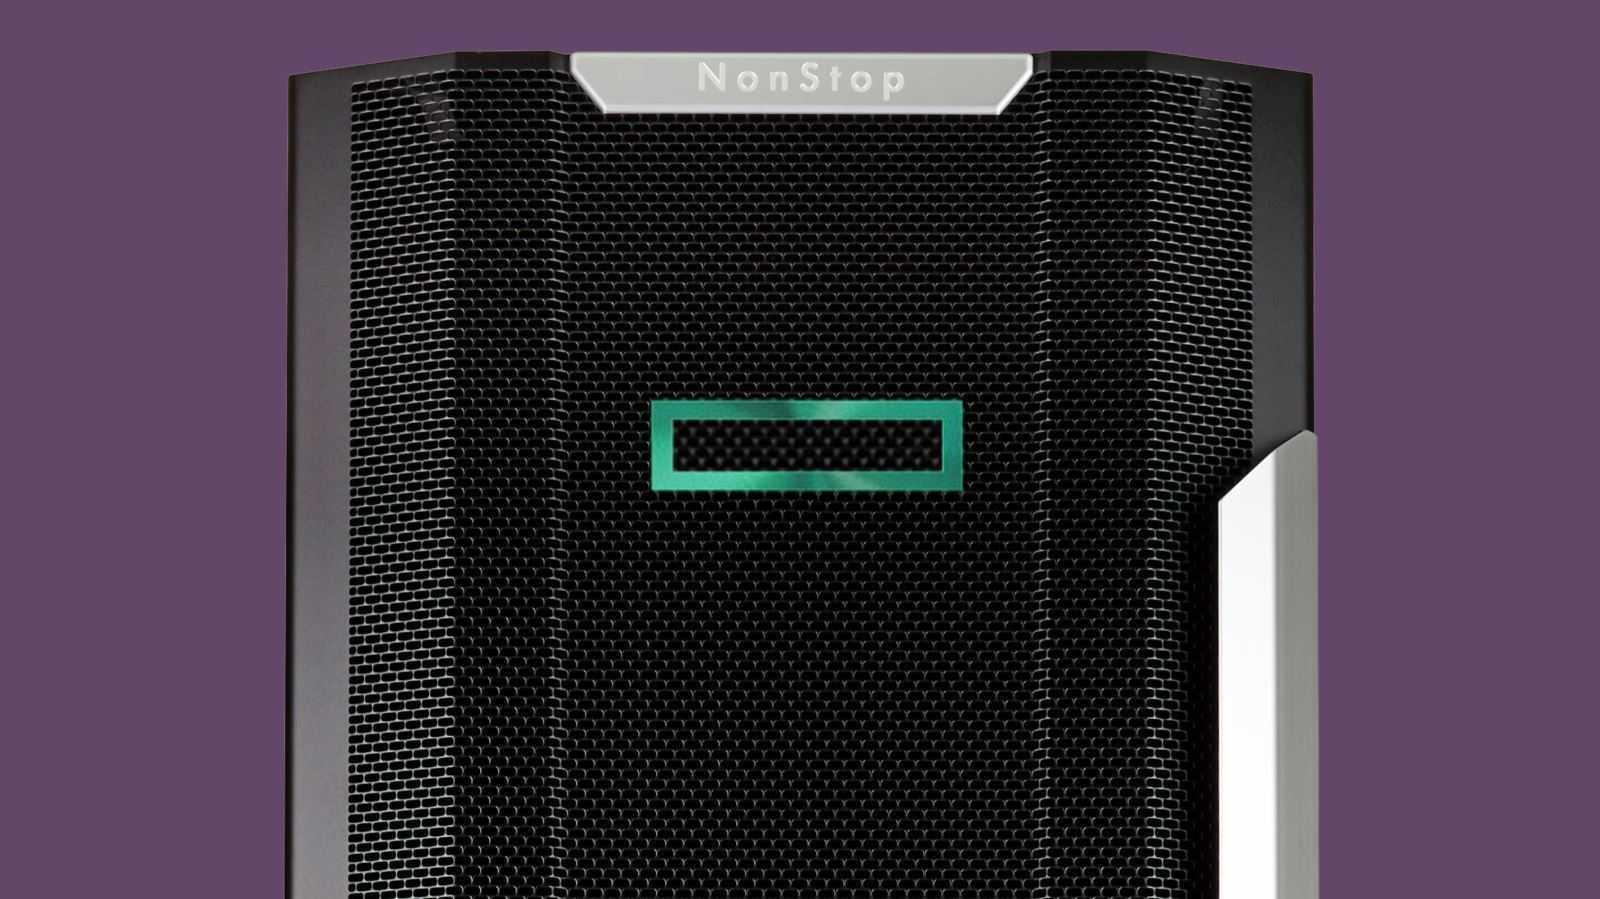 SambaCry bedroht HPE-NonStop-Server